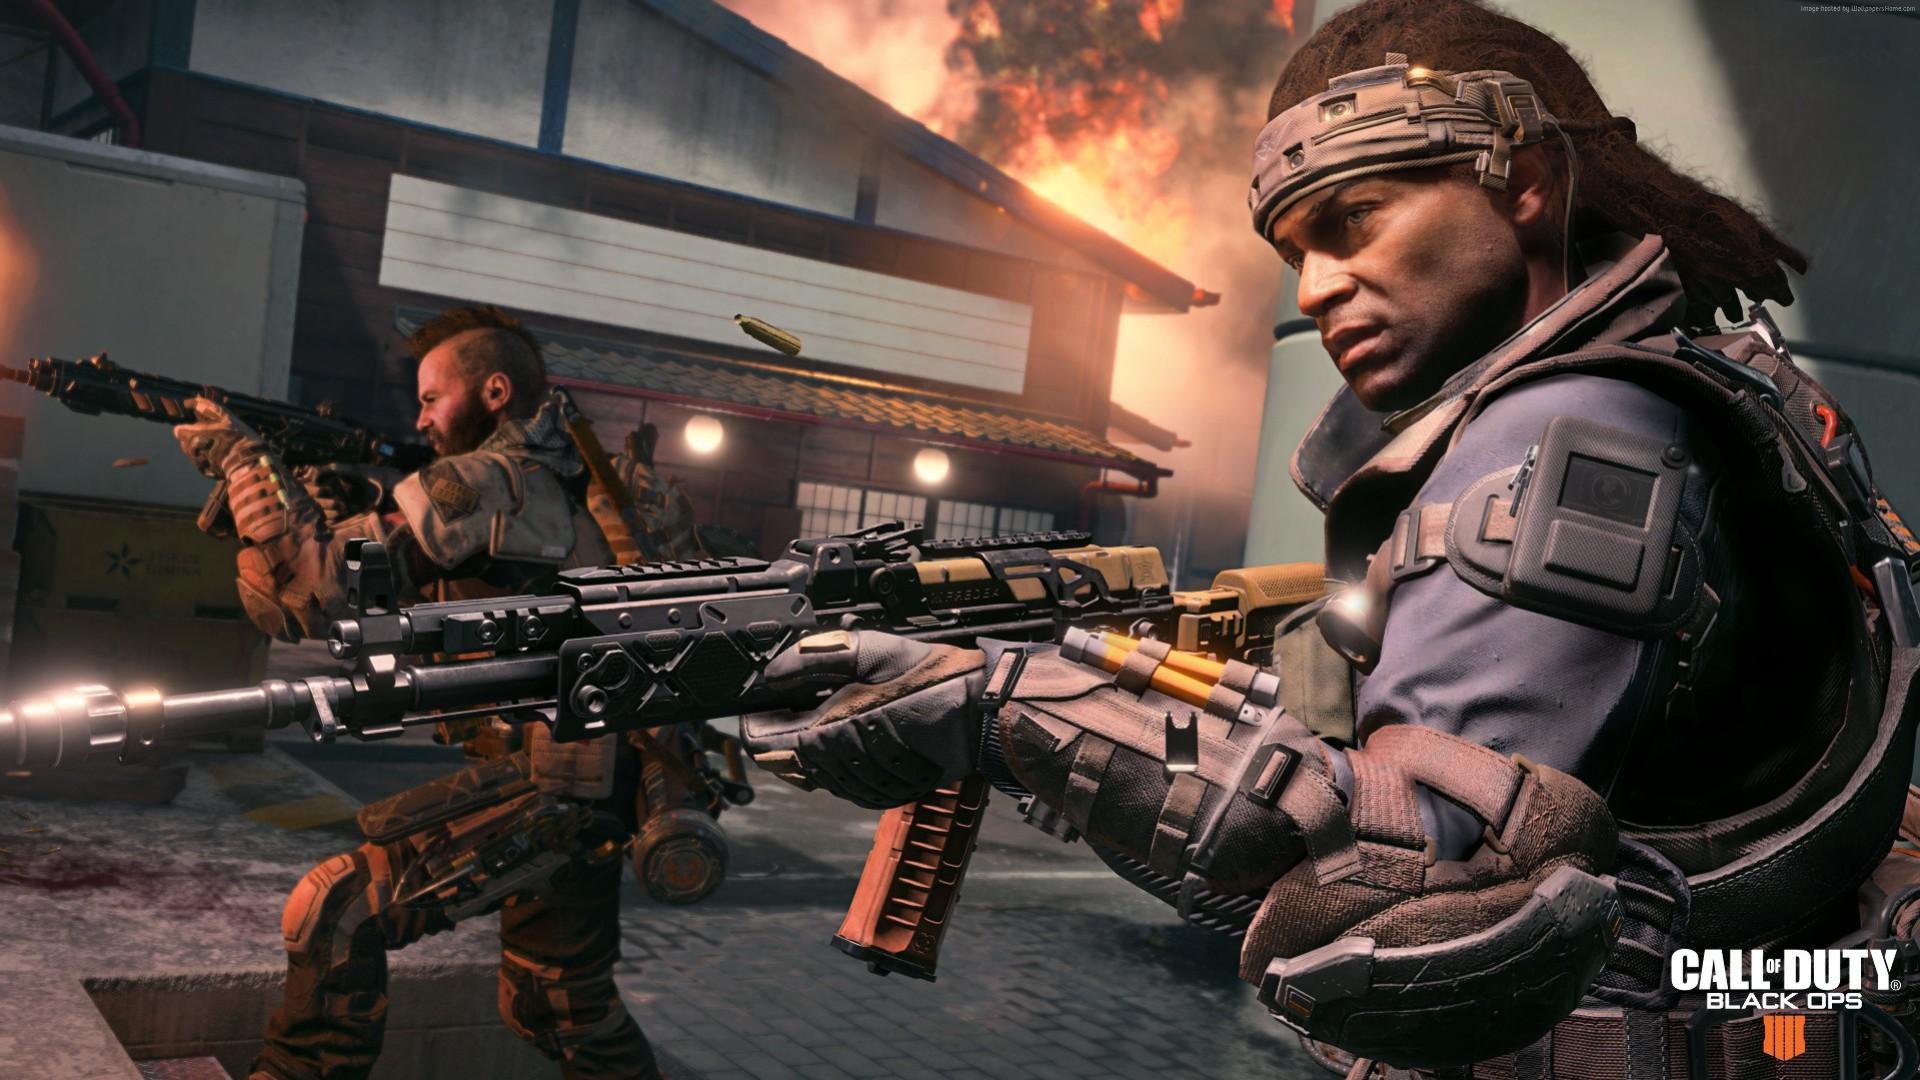 Call of Duty: Black Ops 4, Guía de logros y trofeos - Logros y trofeos del  Multijugador - MeriStation